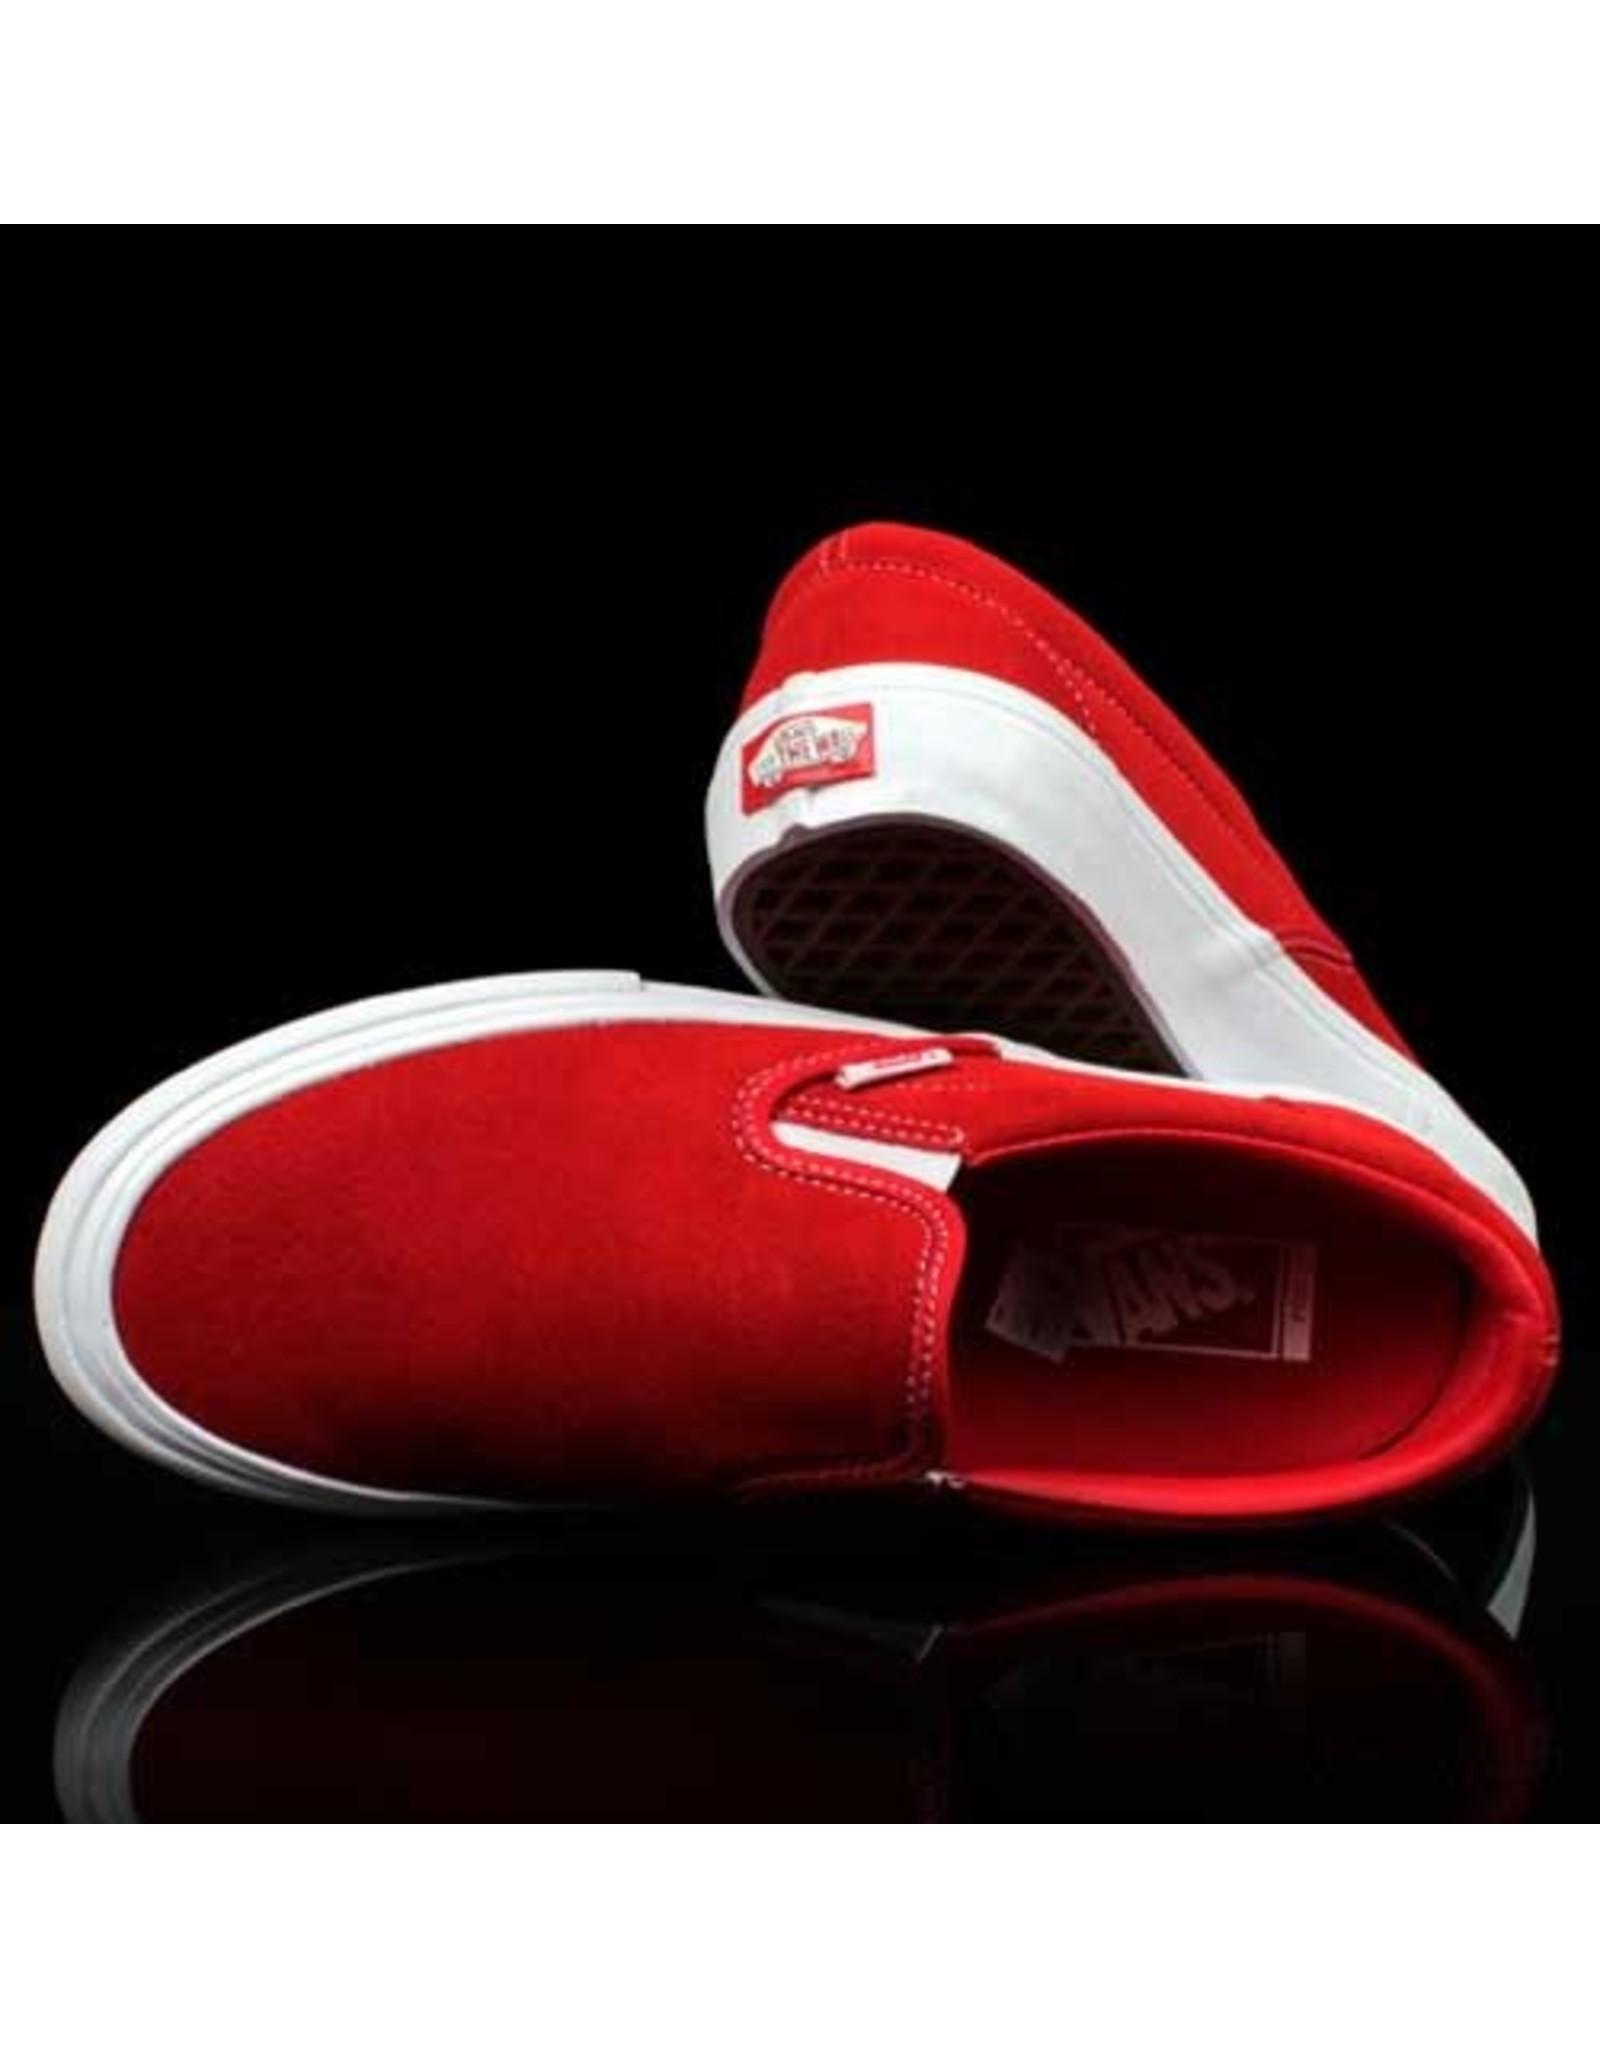 VANS Vans Slip On Pro Red White